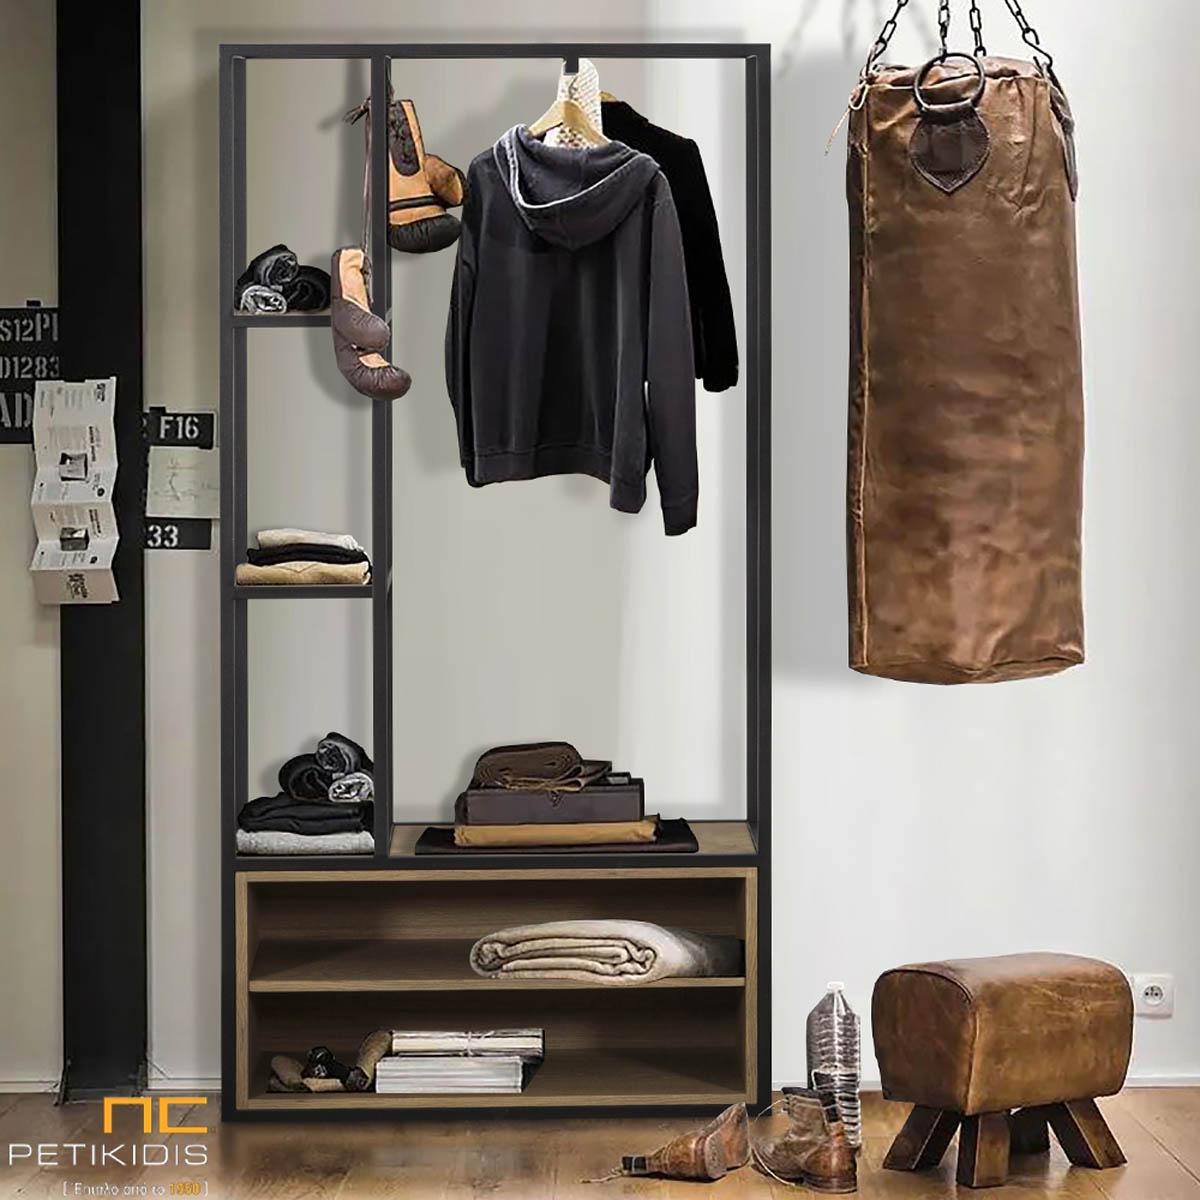 Κρεμάστρα Rory από ξύλο δρυς και μεταλλικό σκελετό.Ιδανικό για υπνοδωμάτια, εισόδους και χώρους υποδοχής.